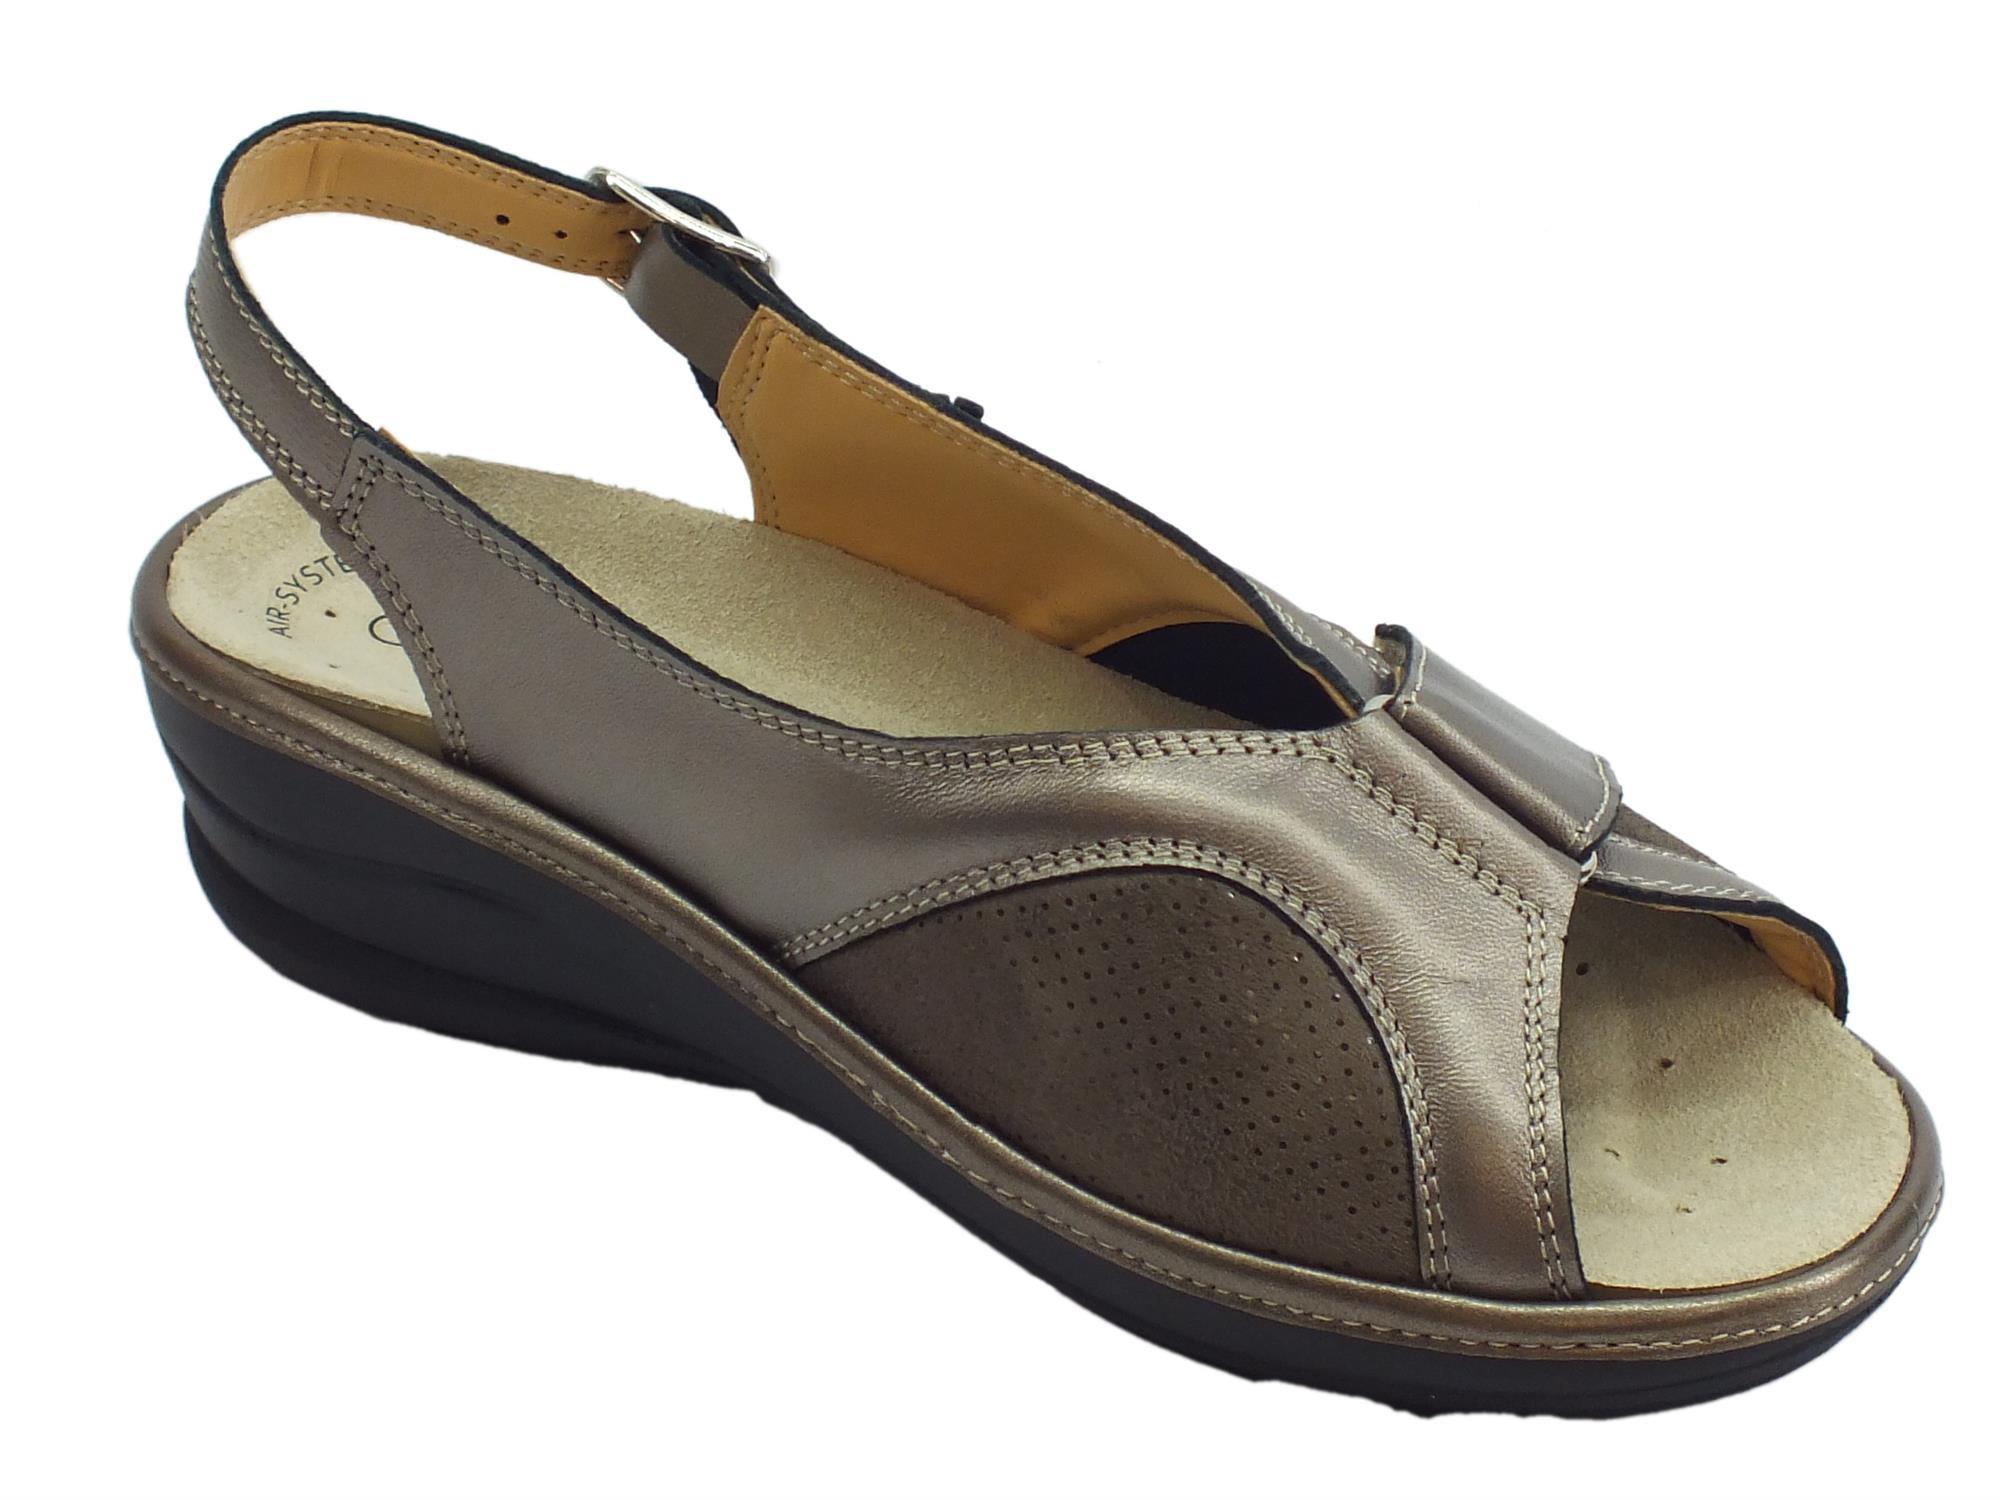 3e2501cebc38c ... Cinzia Soft sandali comodi in pelle e scamosciato perla fondo  antiscivolo ...